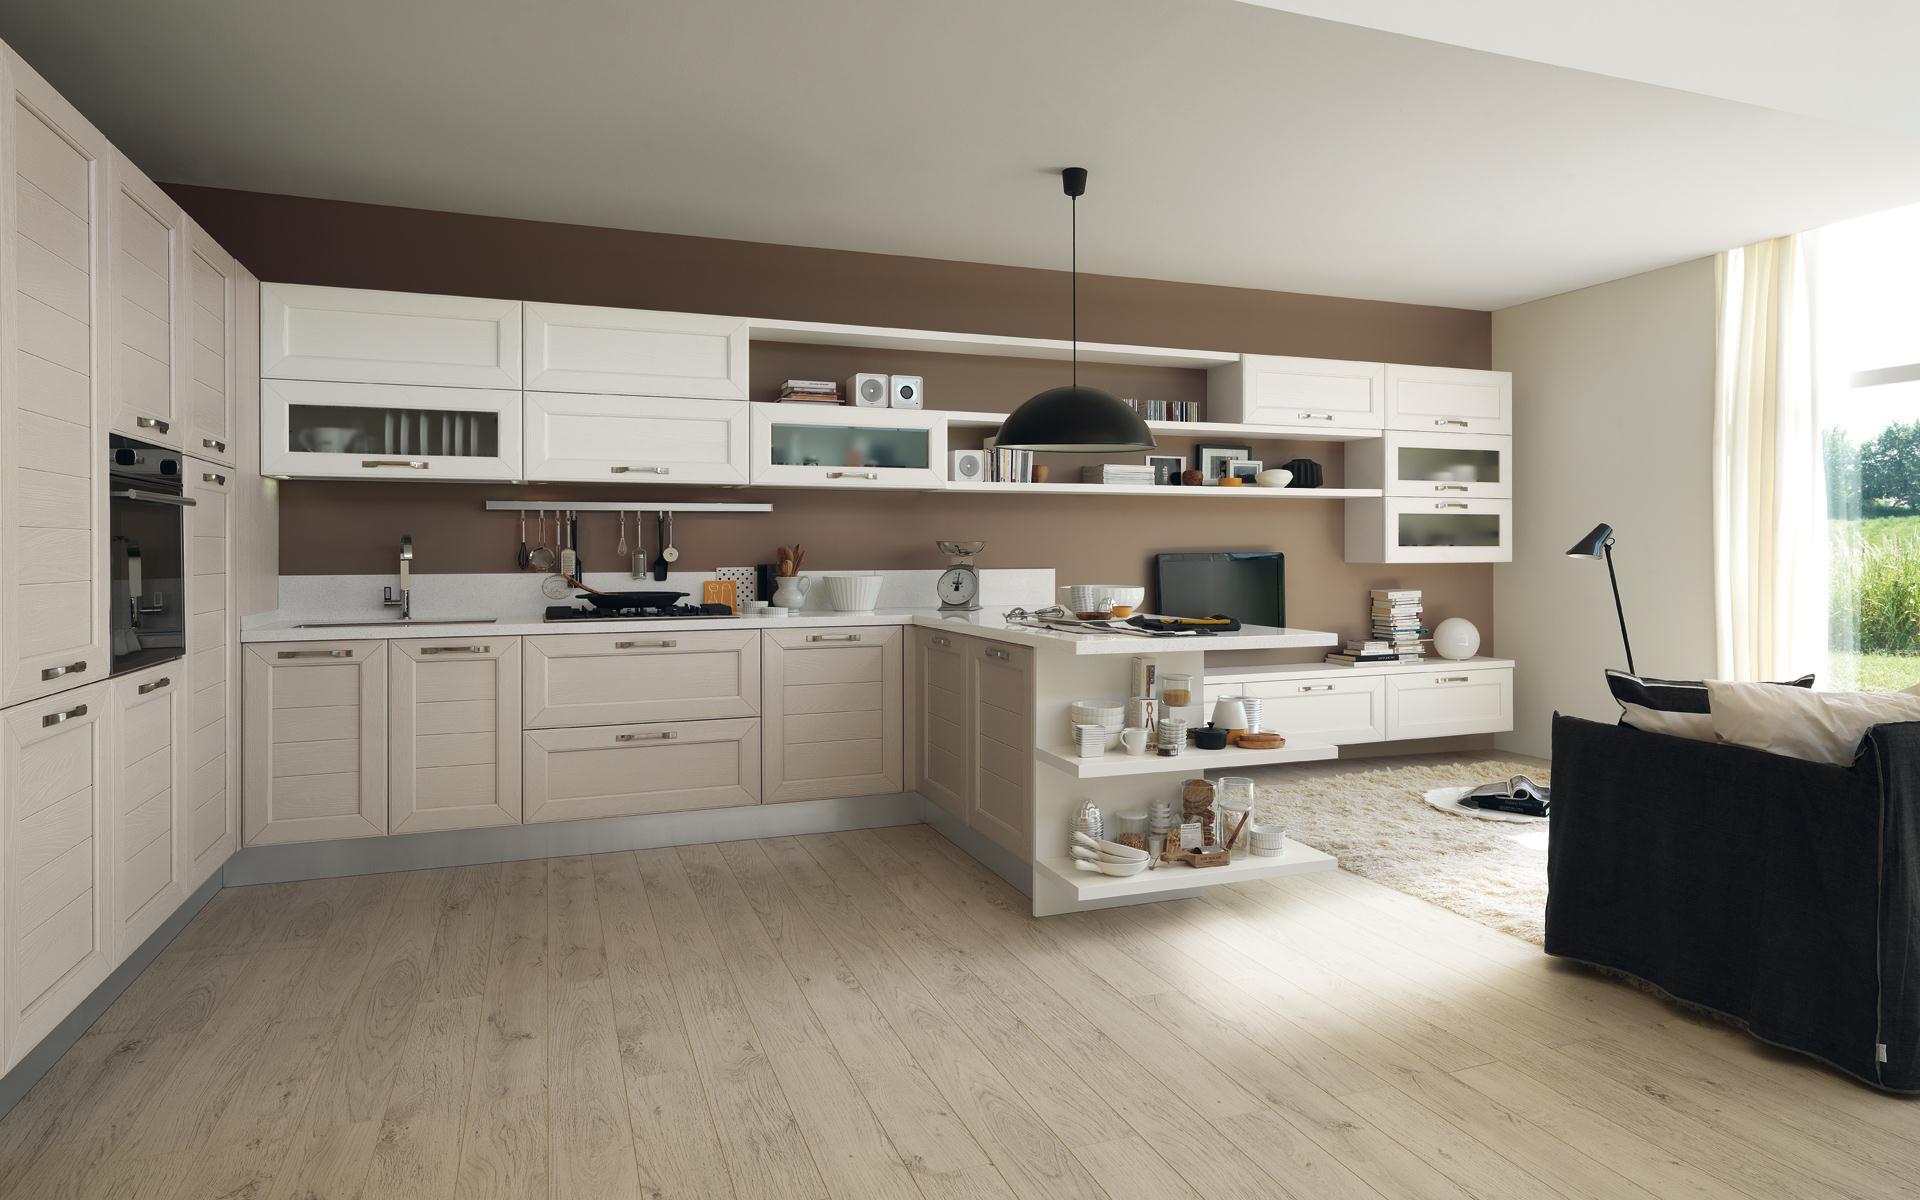 cucine componibili in stile classico e contemporaneo - gruppo ... - Arredo 3 Cucine Prezzi